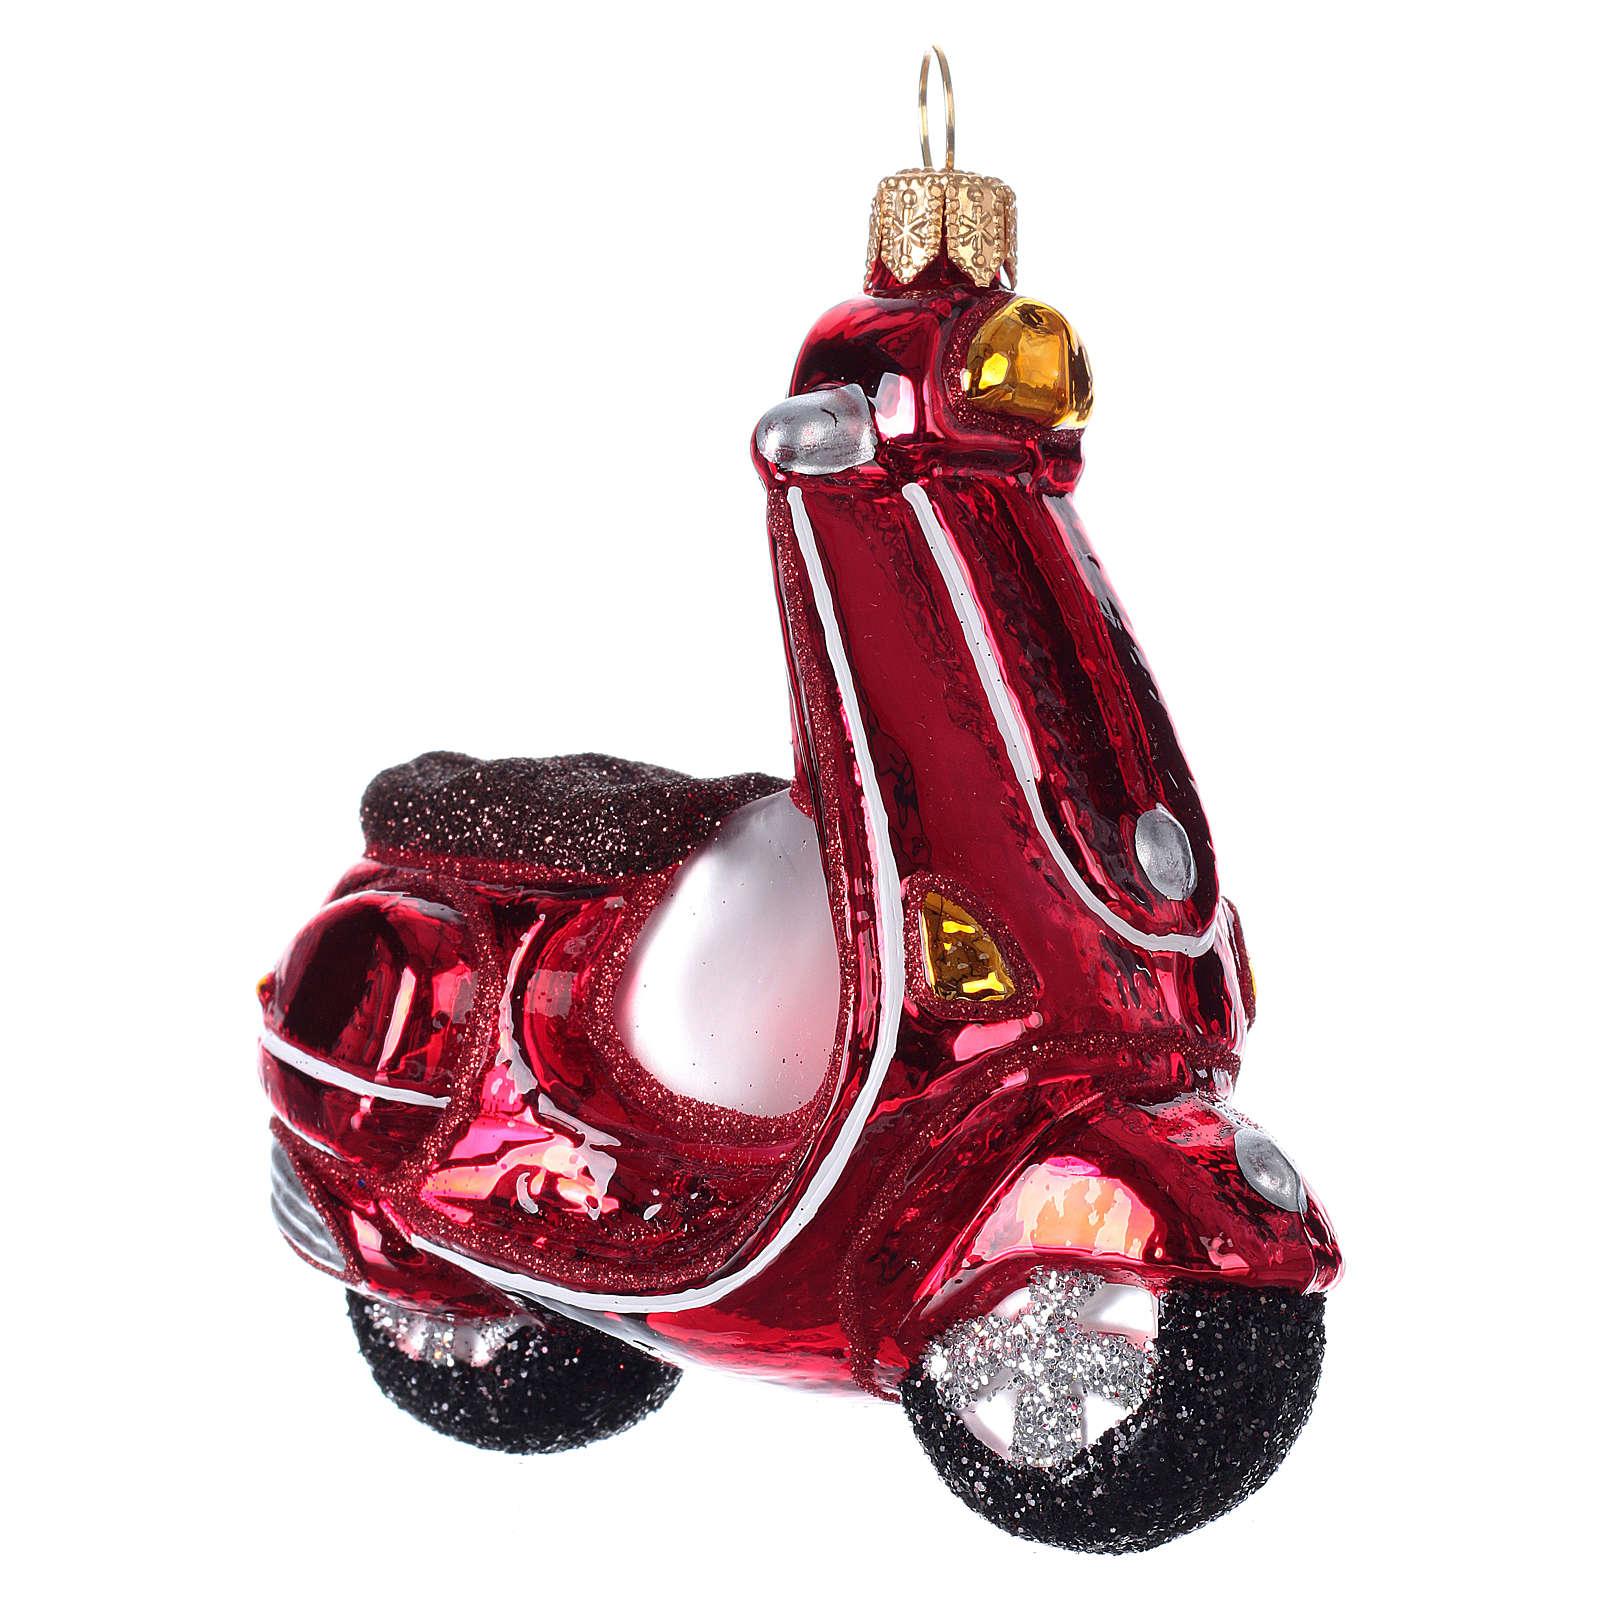 Scooter décoration sapin de Noël verre soufflé 4